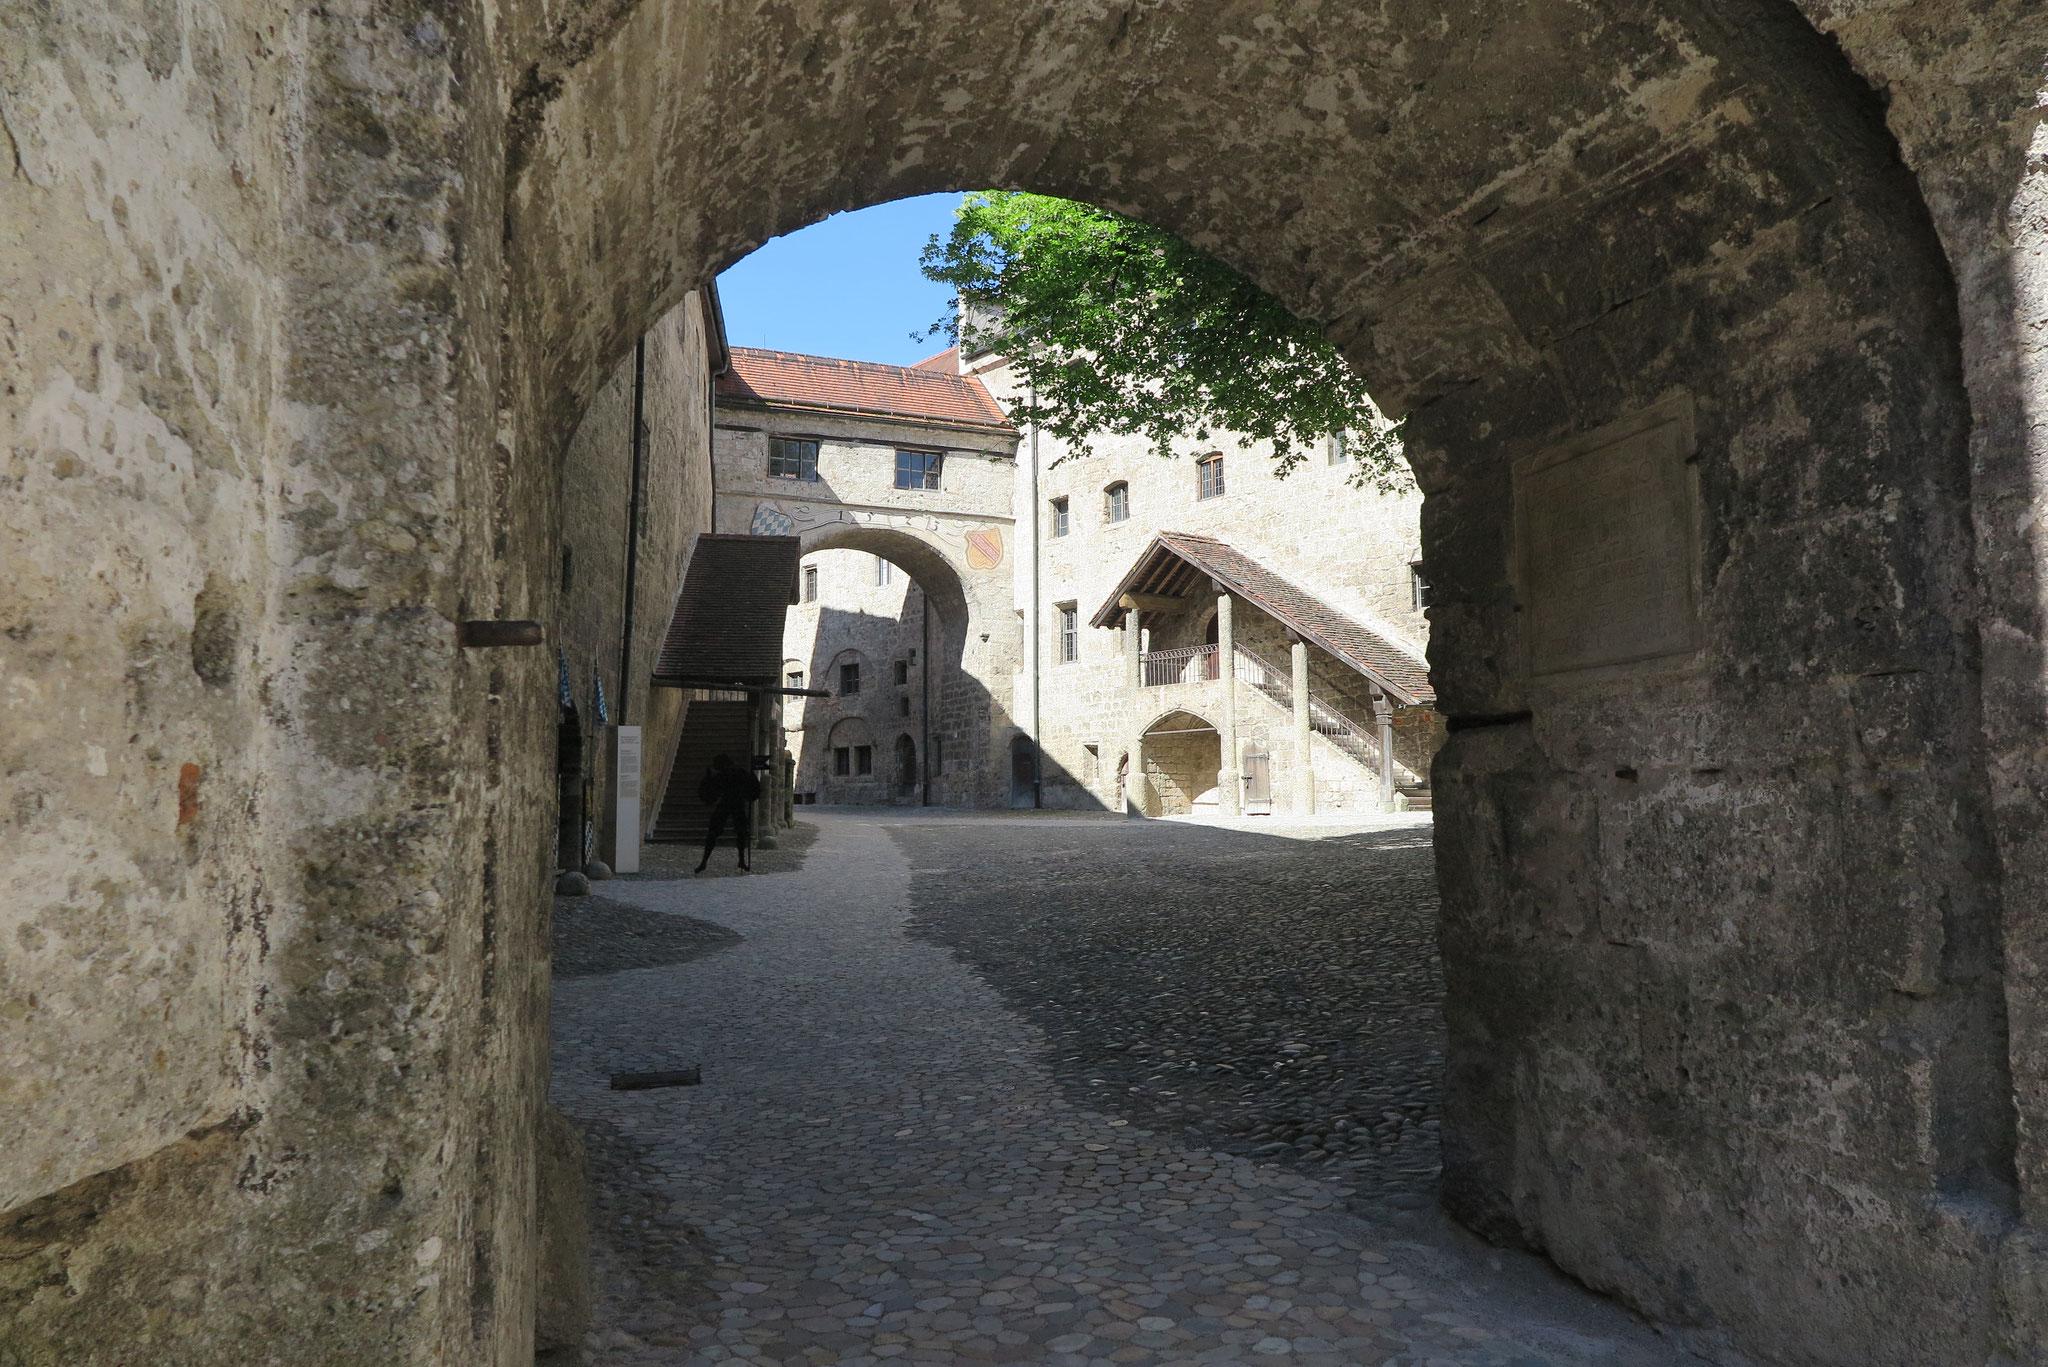 Längste Burg der Welt, Burghausen